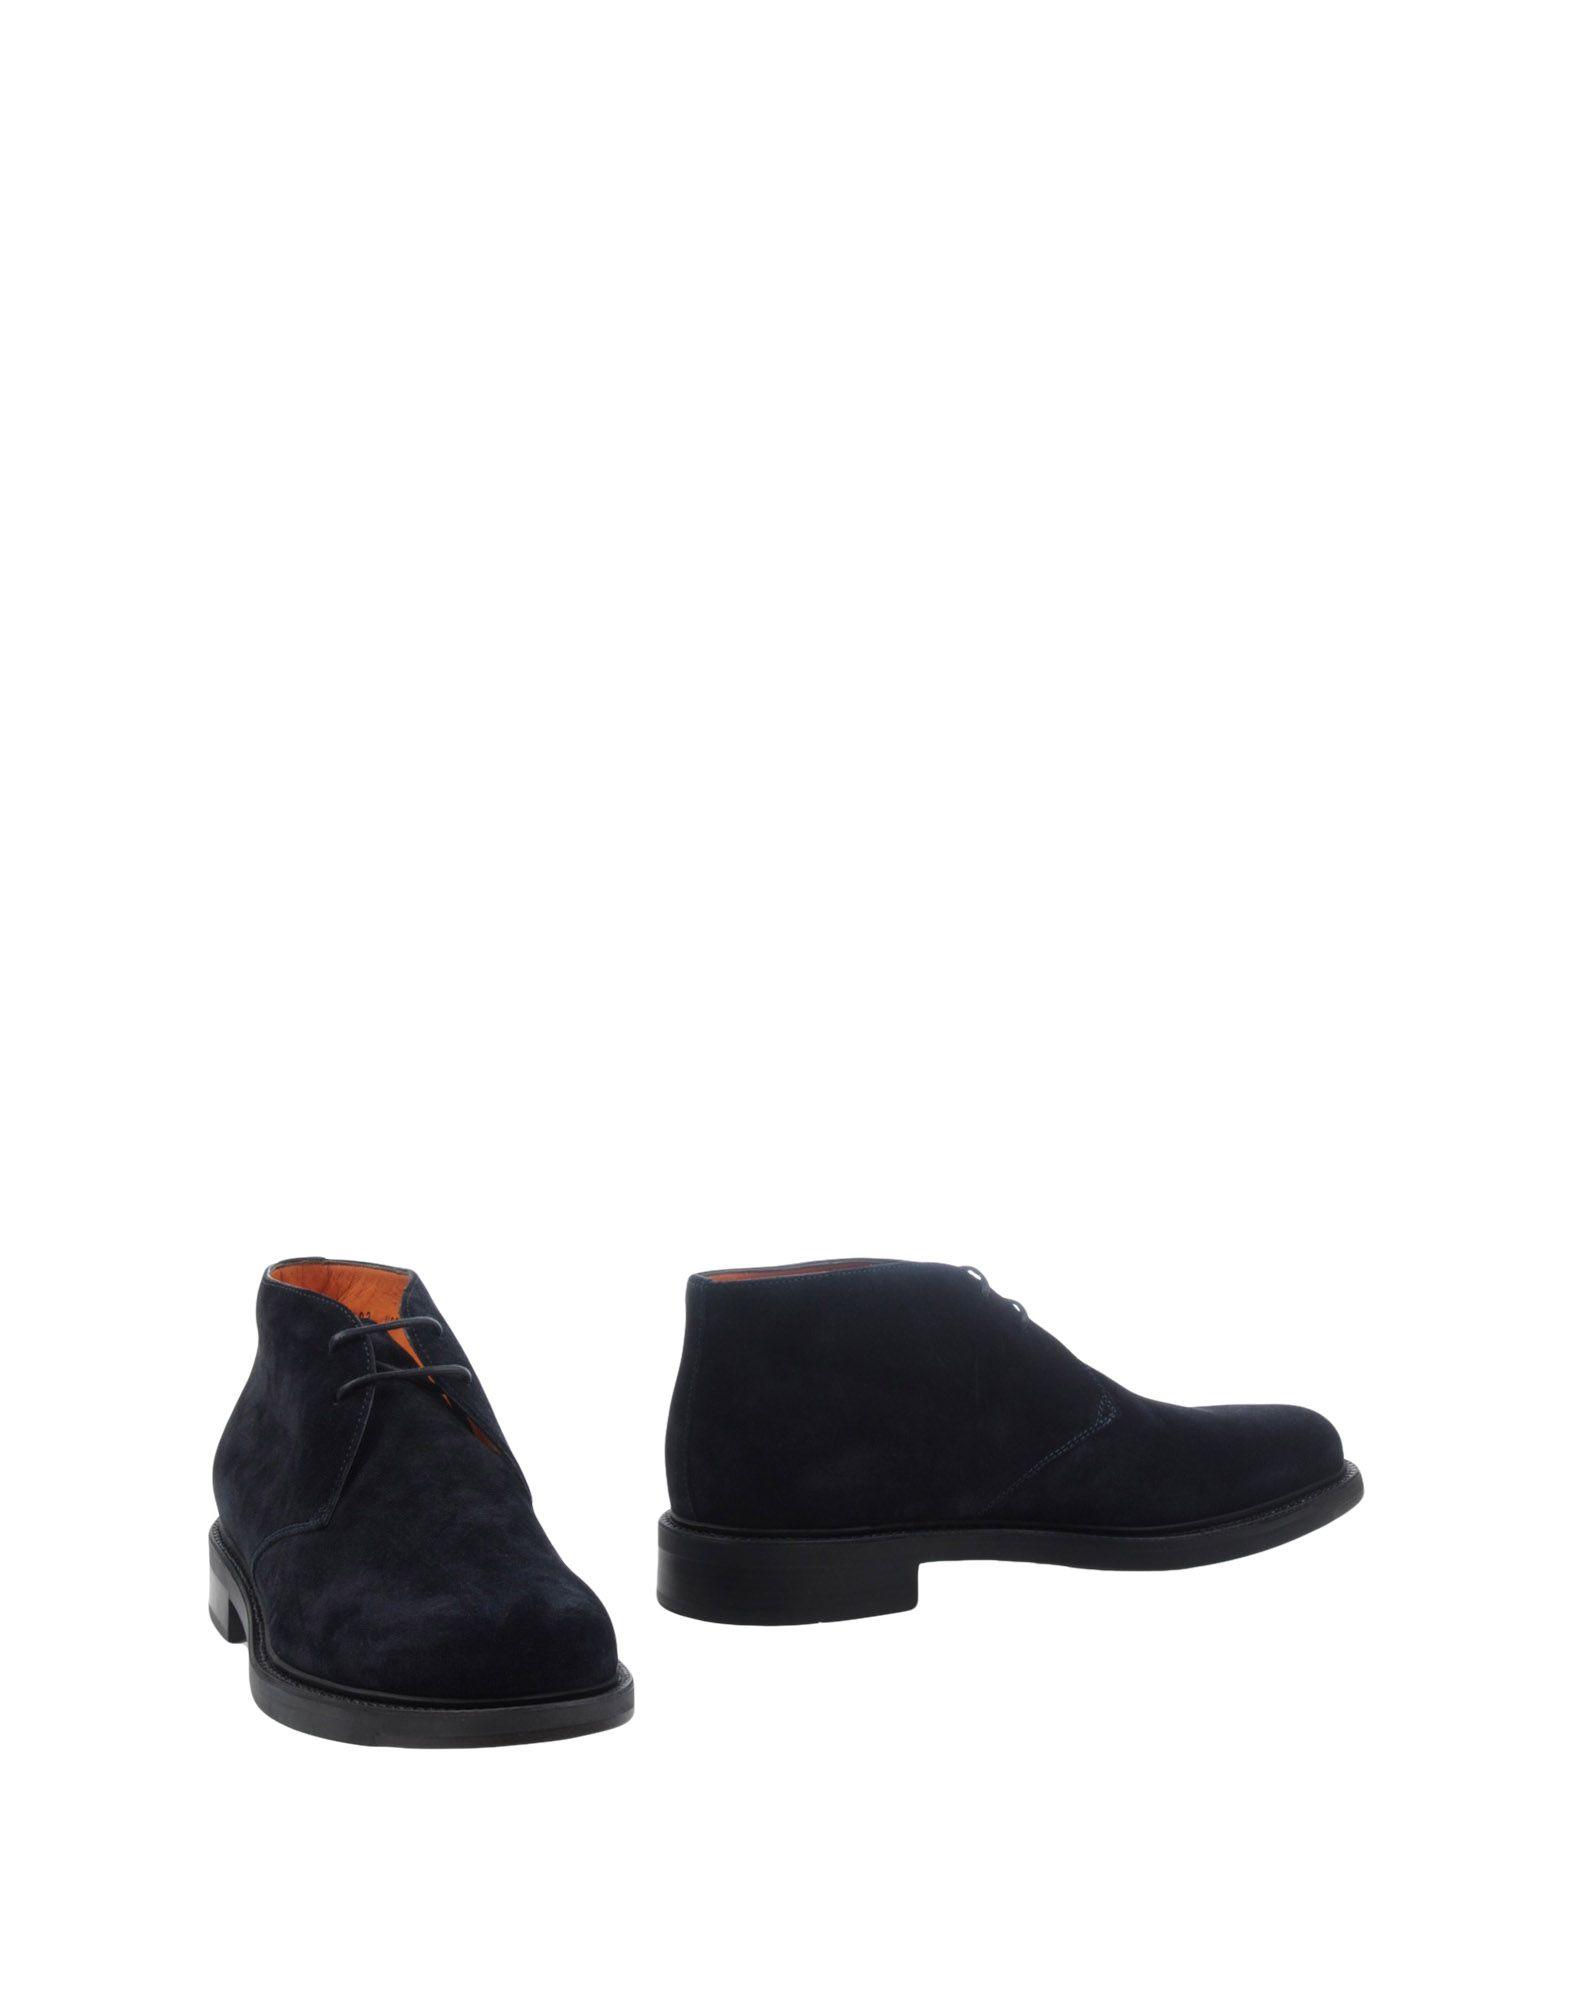 Santoni Stiefelette Herren  11268990MG Gute Qualität Qualität Qualität beliebte Schuhe 9618e2